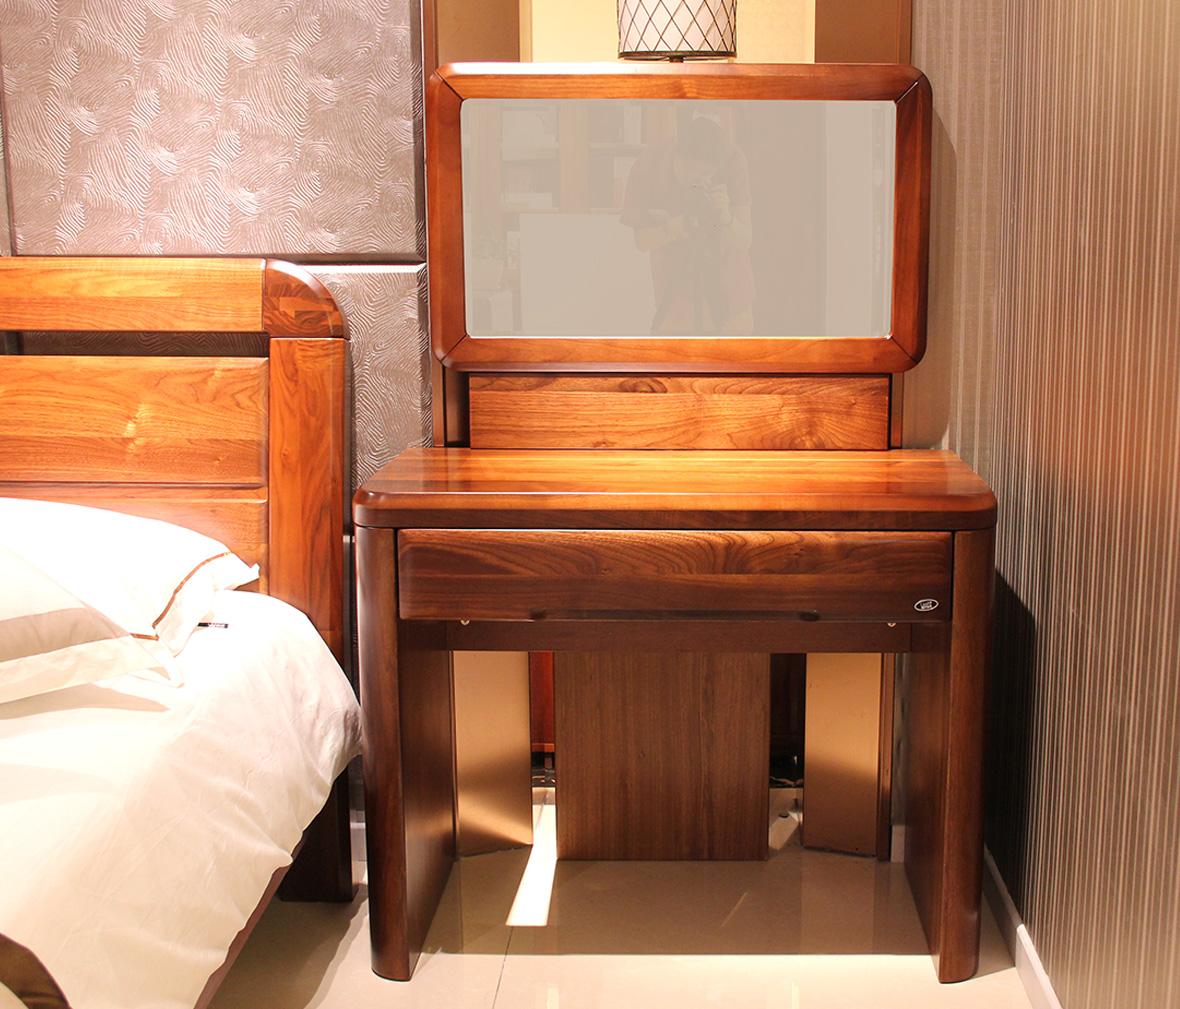 赖氏家具 胡桃木梳妆台整套lsc02型号 进口实木 现代简约风格图片